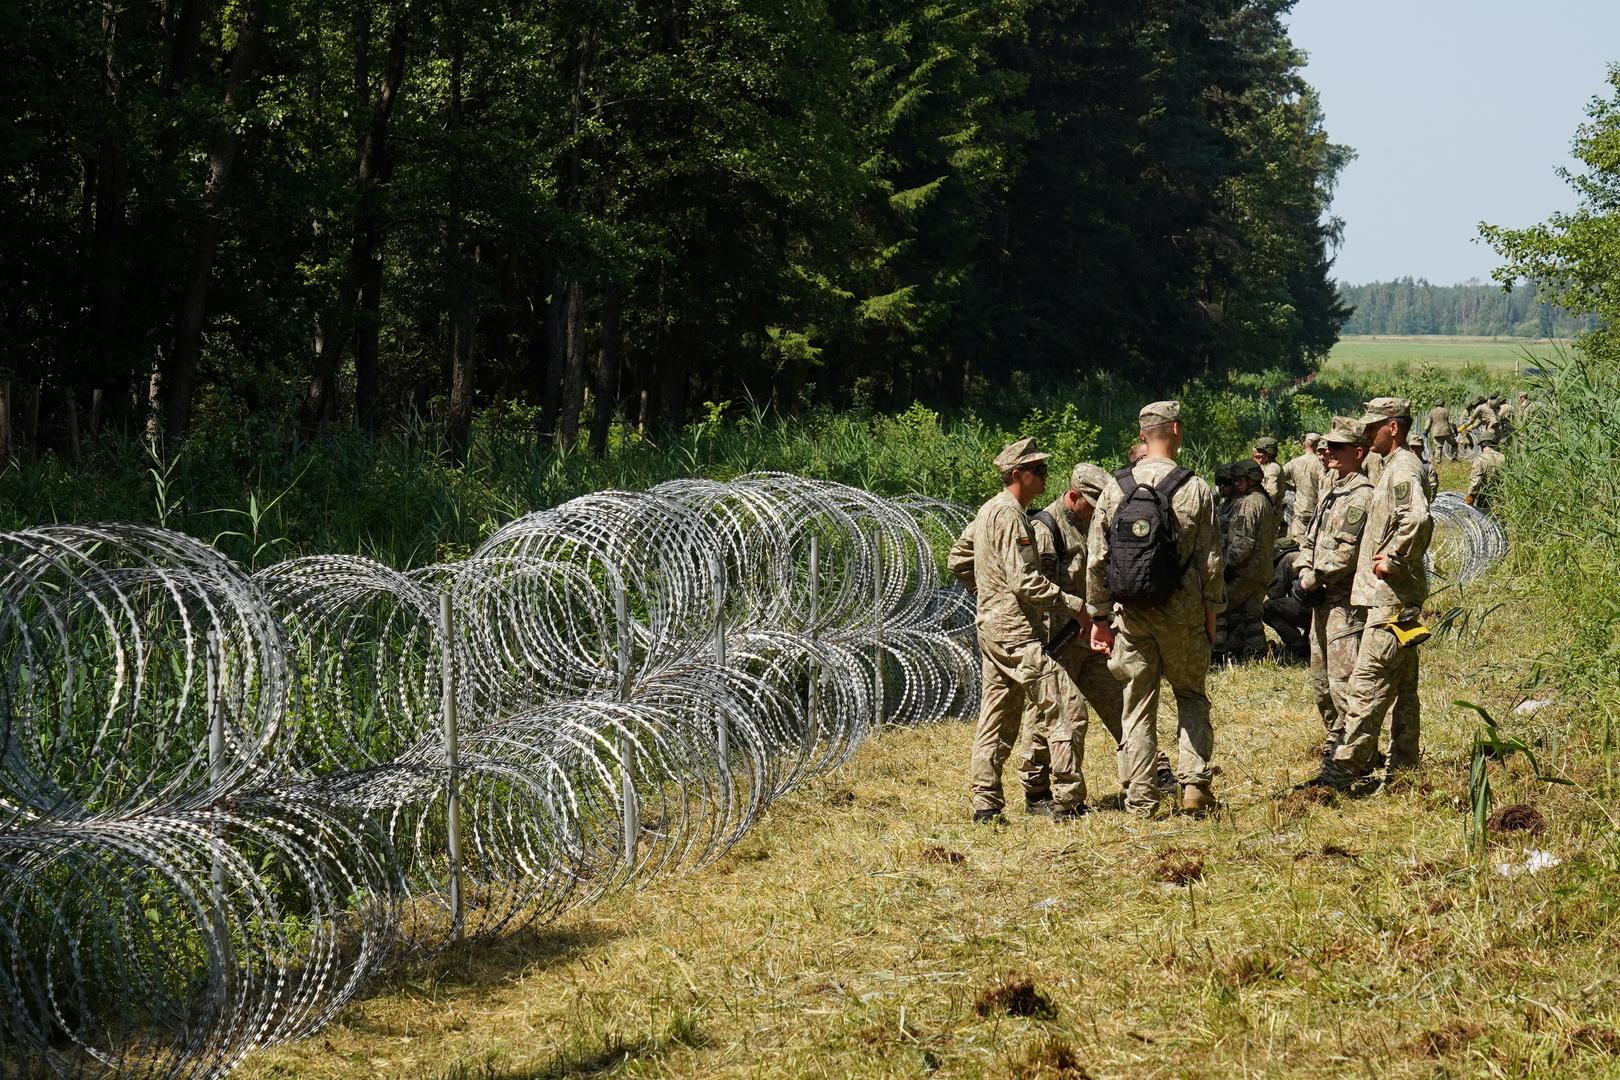 إشناء سياج عند حدود بيلاروس وليتوانيا